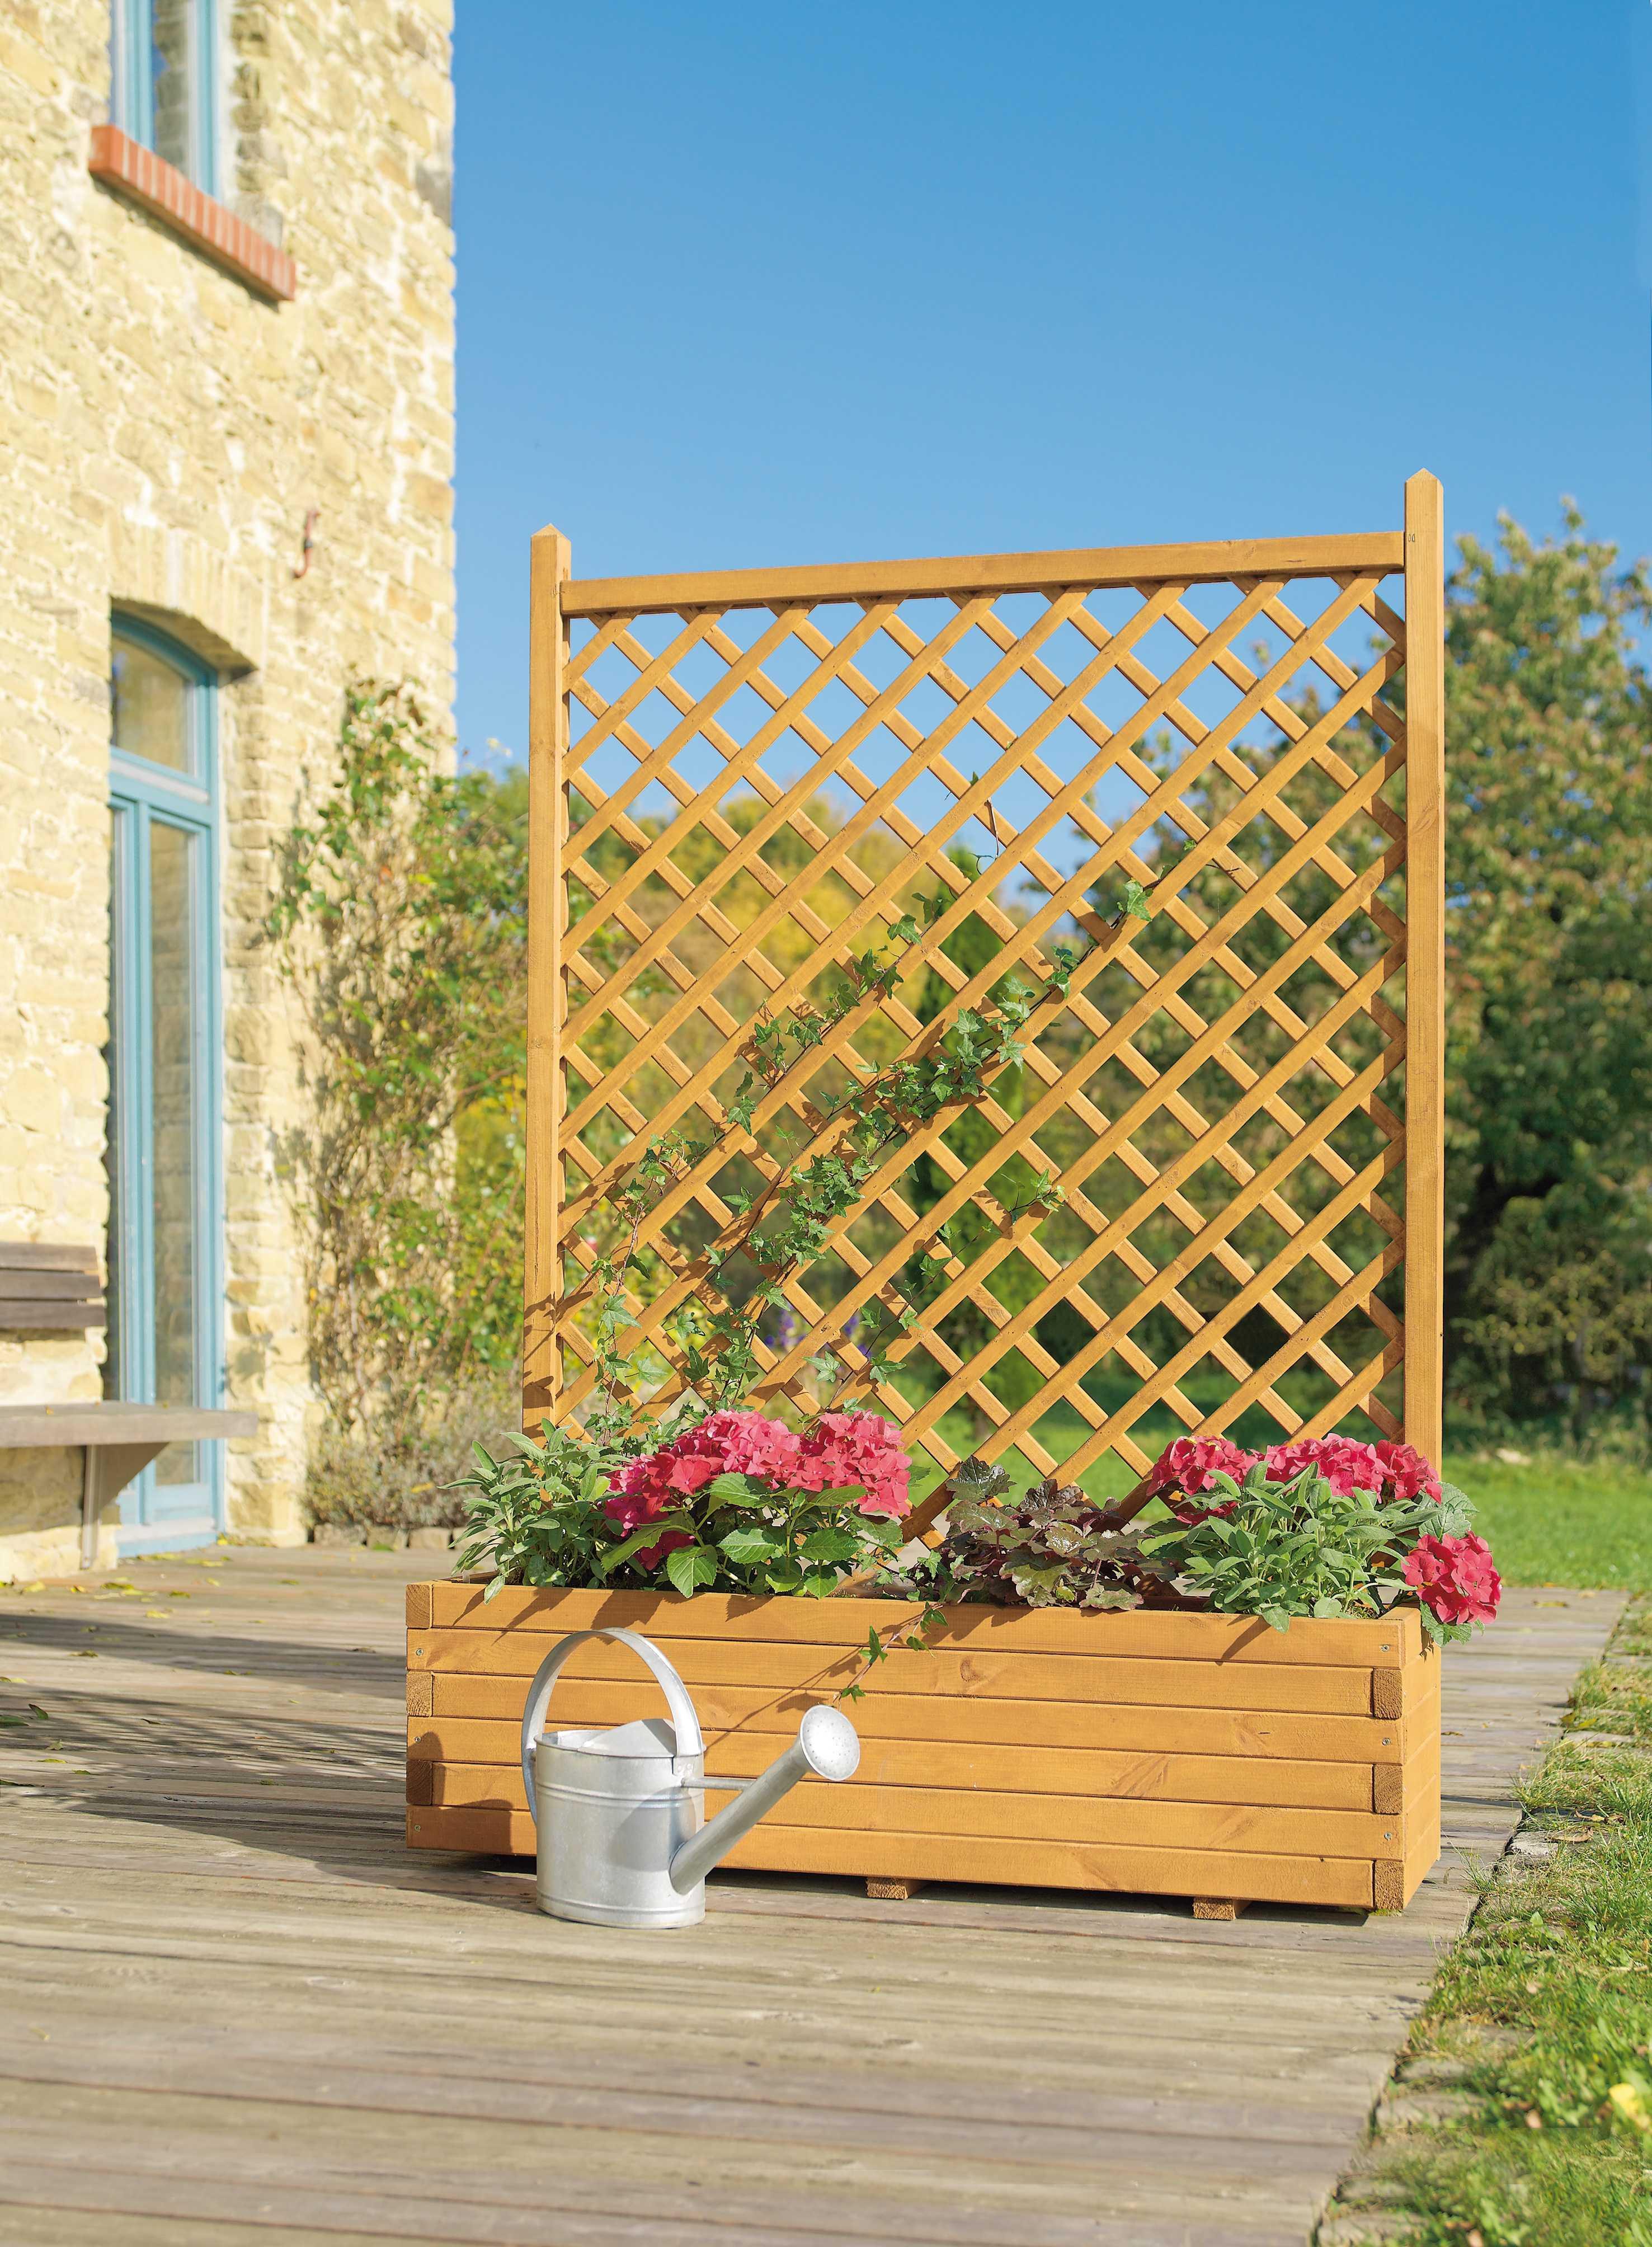 Mr Gardener Blumenkasten Mit Gitter Ca 120x40x170 Cm Kdi